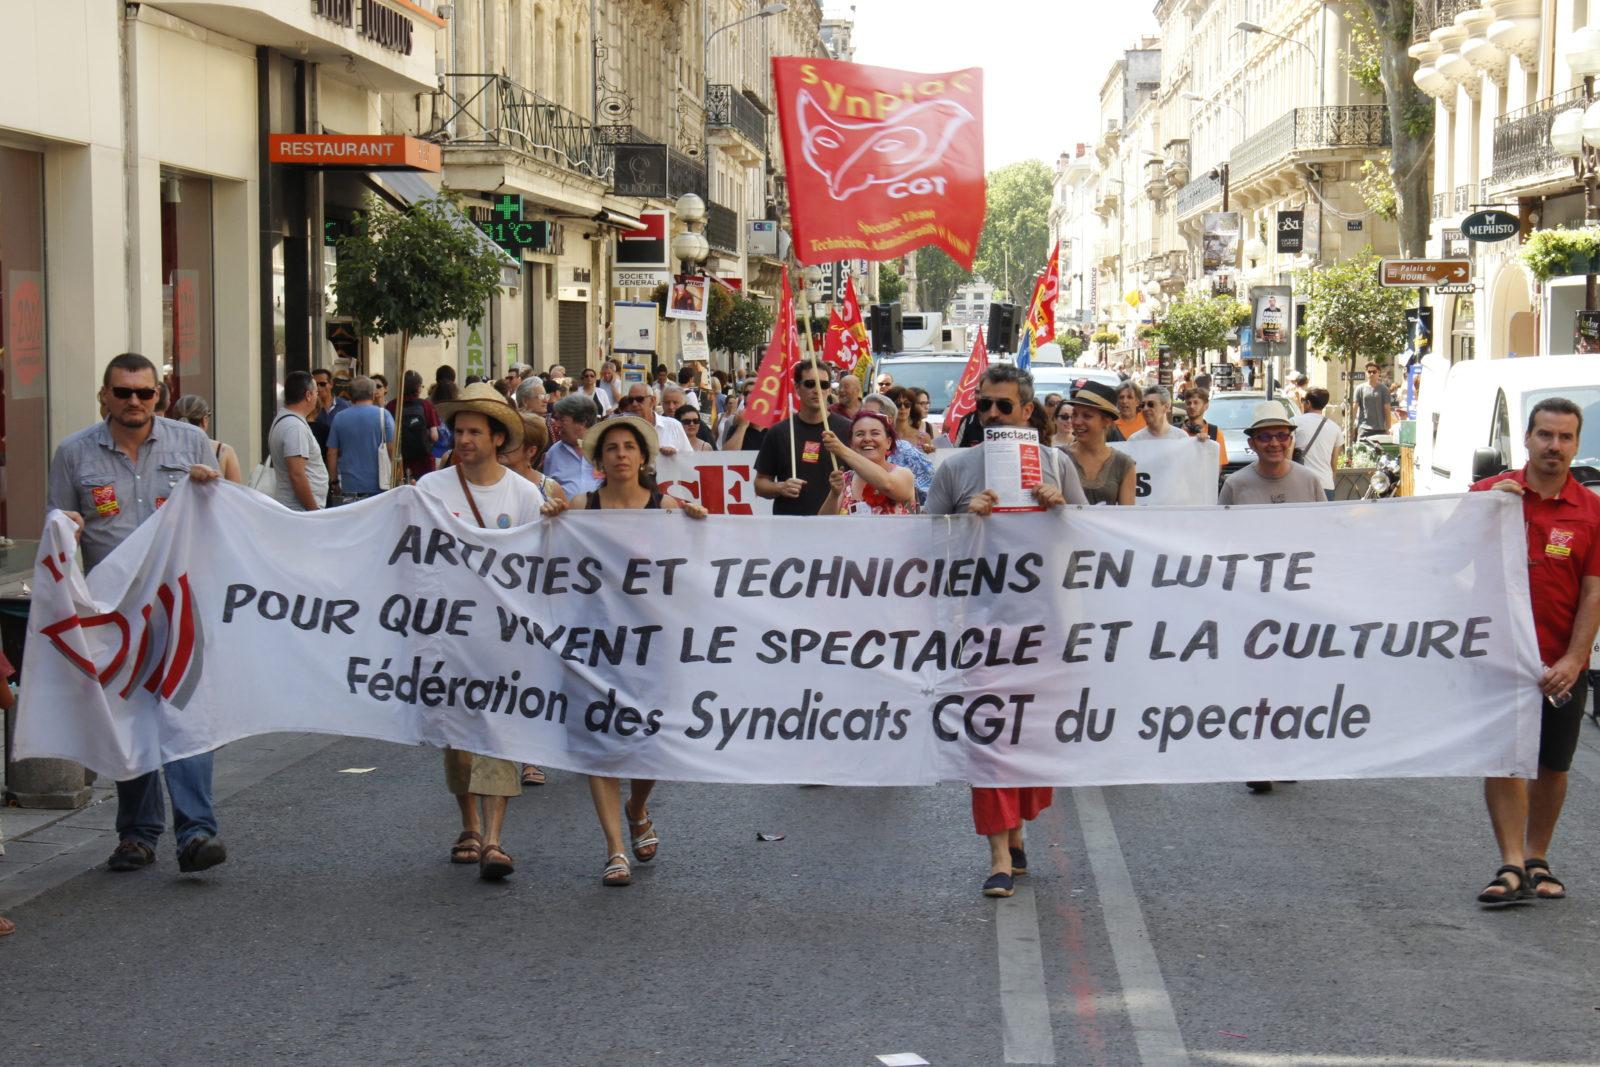 URGENT : création d'un régime solidaire pour le spectacle !